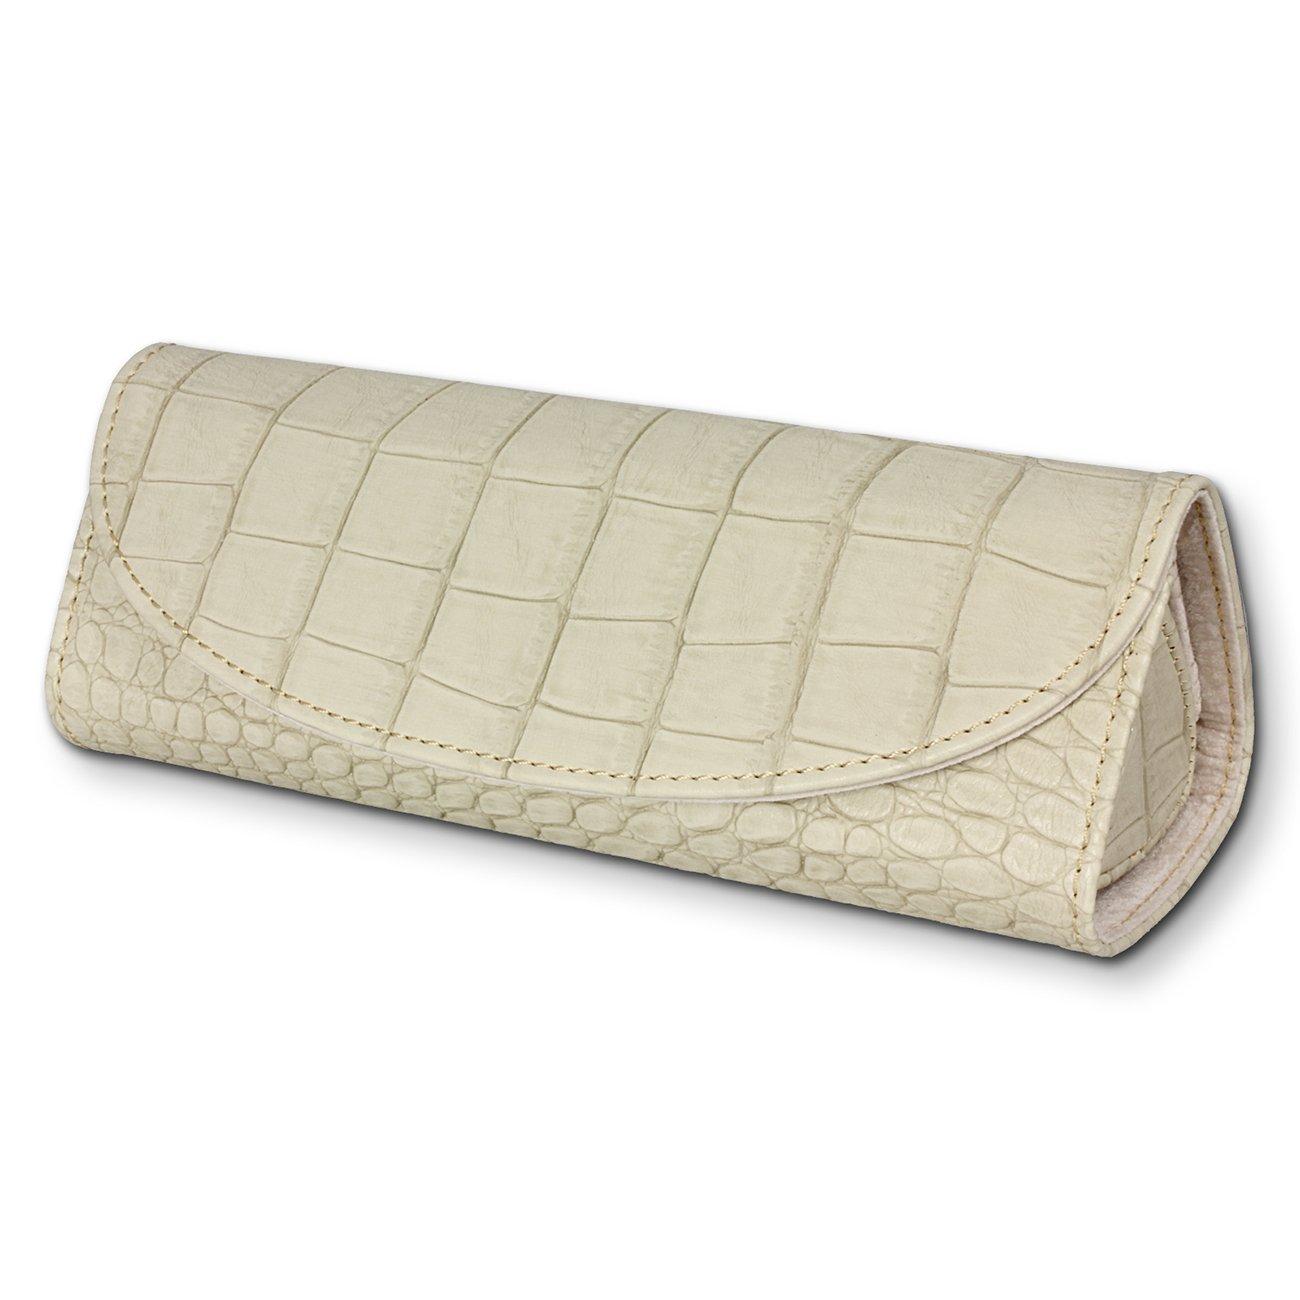 SilberDream boîte à bijoux pour voyager de couleur blanc - Étui de bijoux triangulaire - LB173W Fit4Style